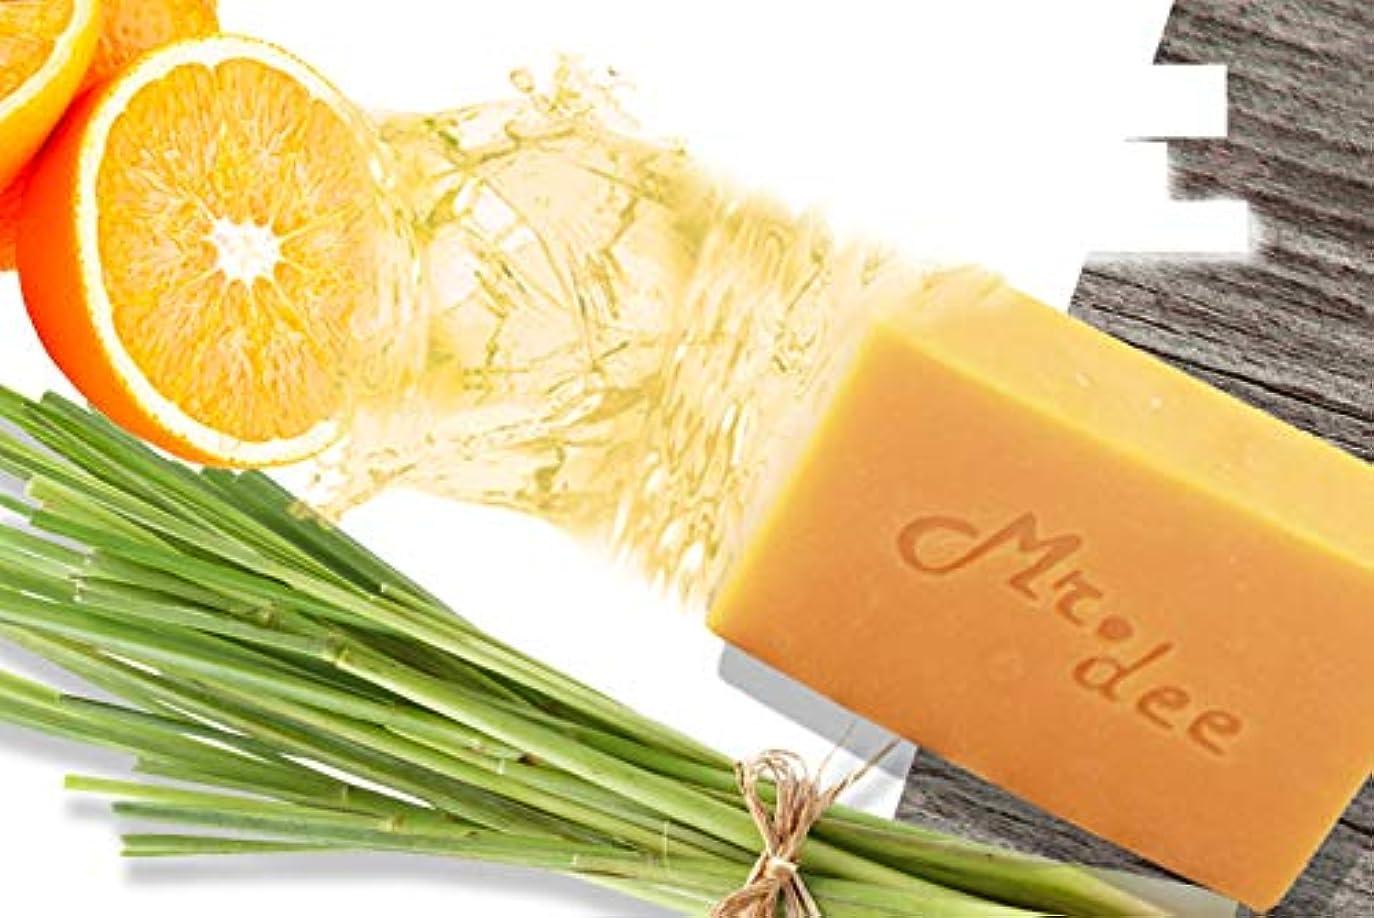 結婚反響するピルファー「Mr.Dee」100%天然石鹸バーレモングラスエッセンシャルオイルパックを白くする非化学シアバター5バー(100グラム/バー)